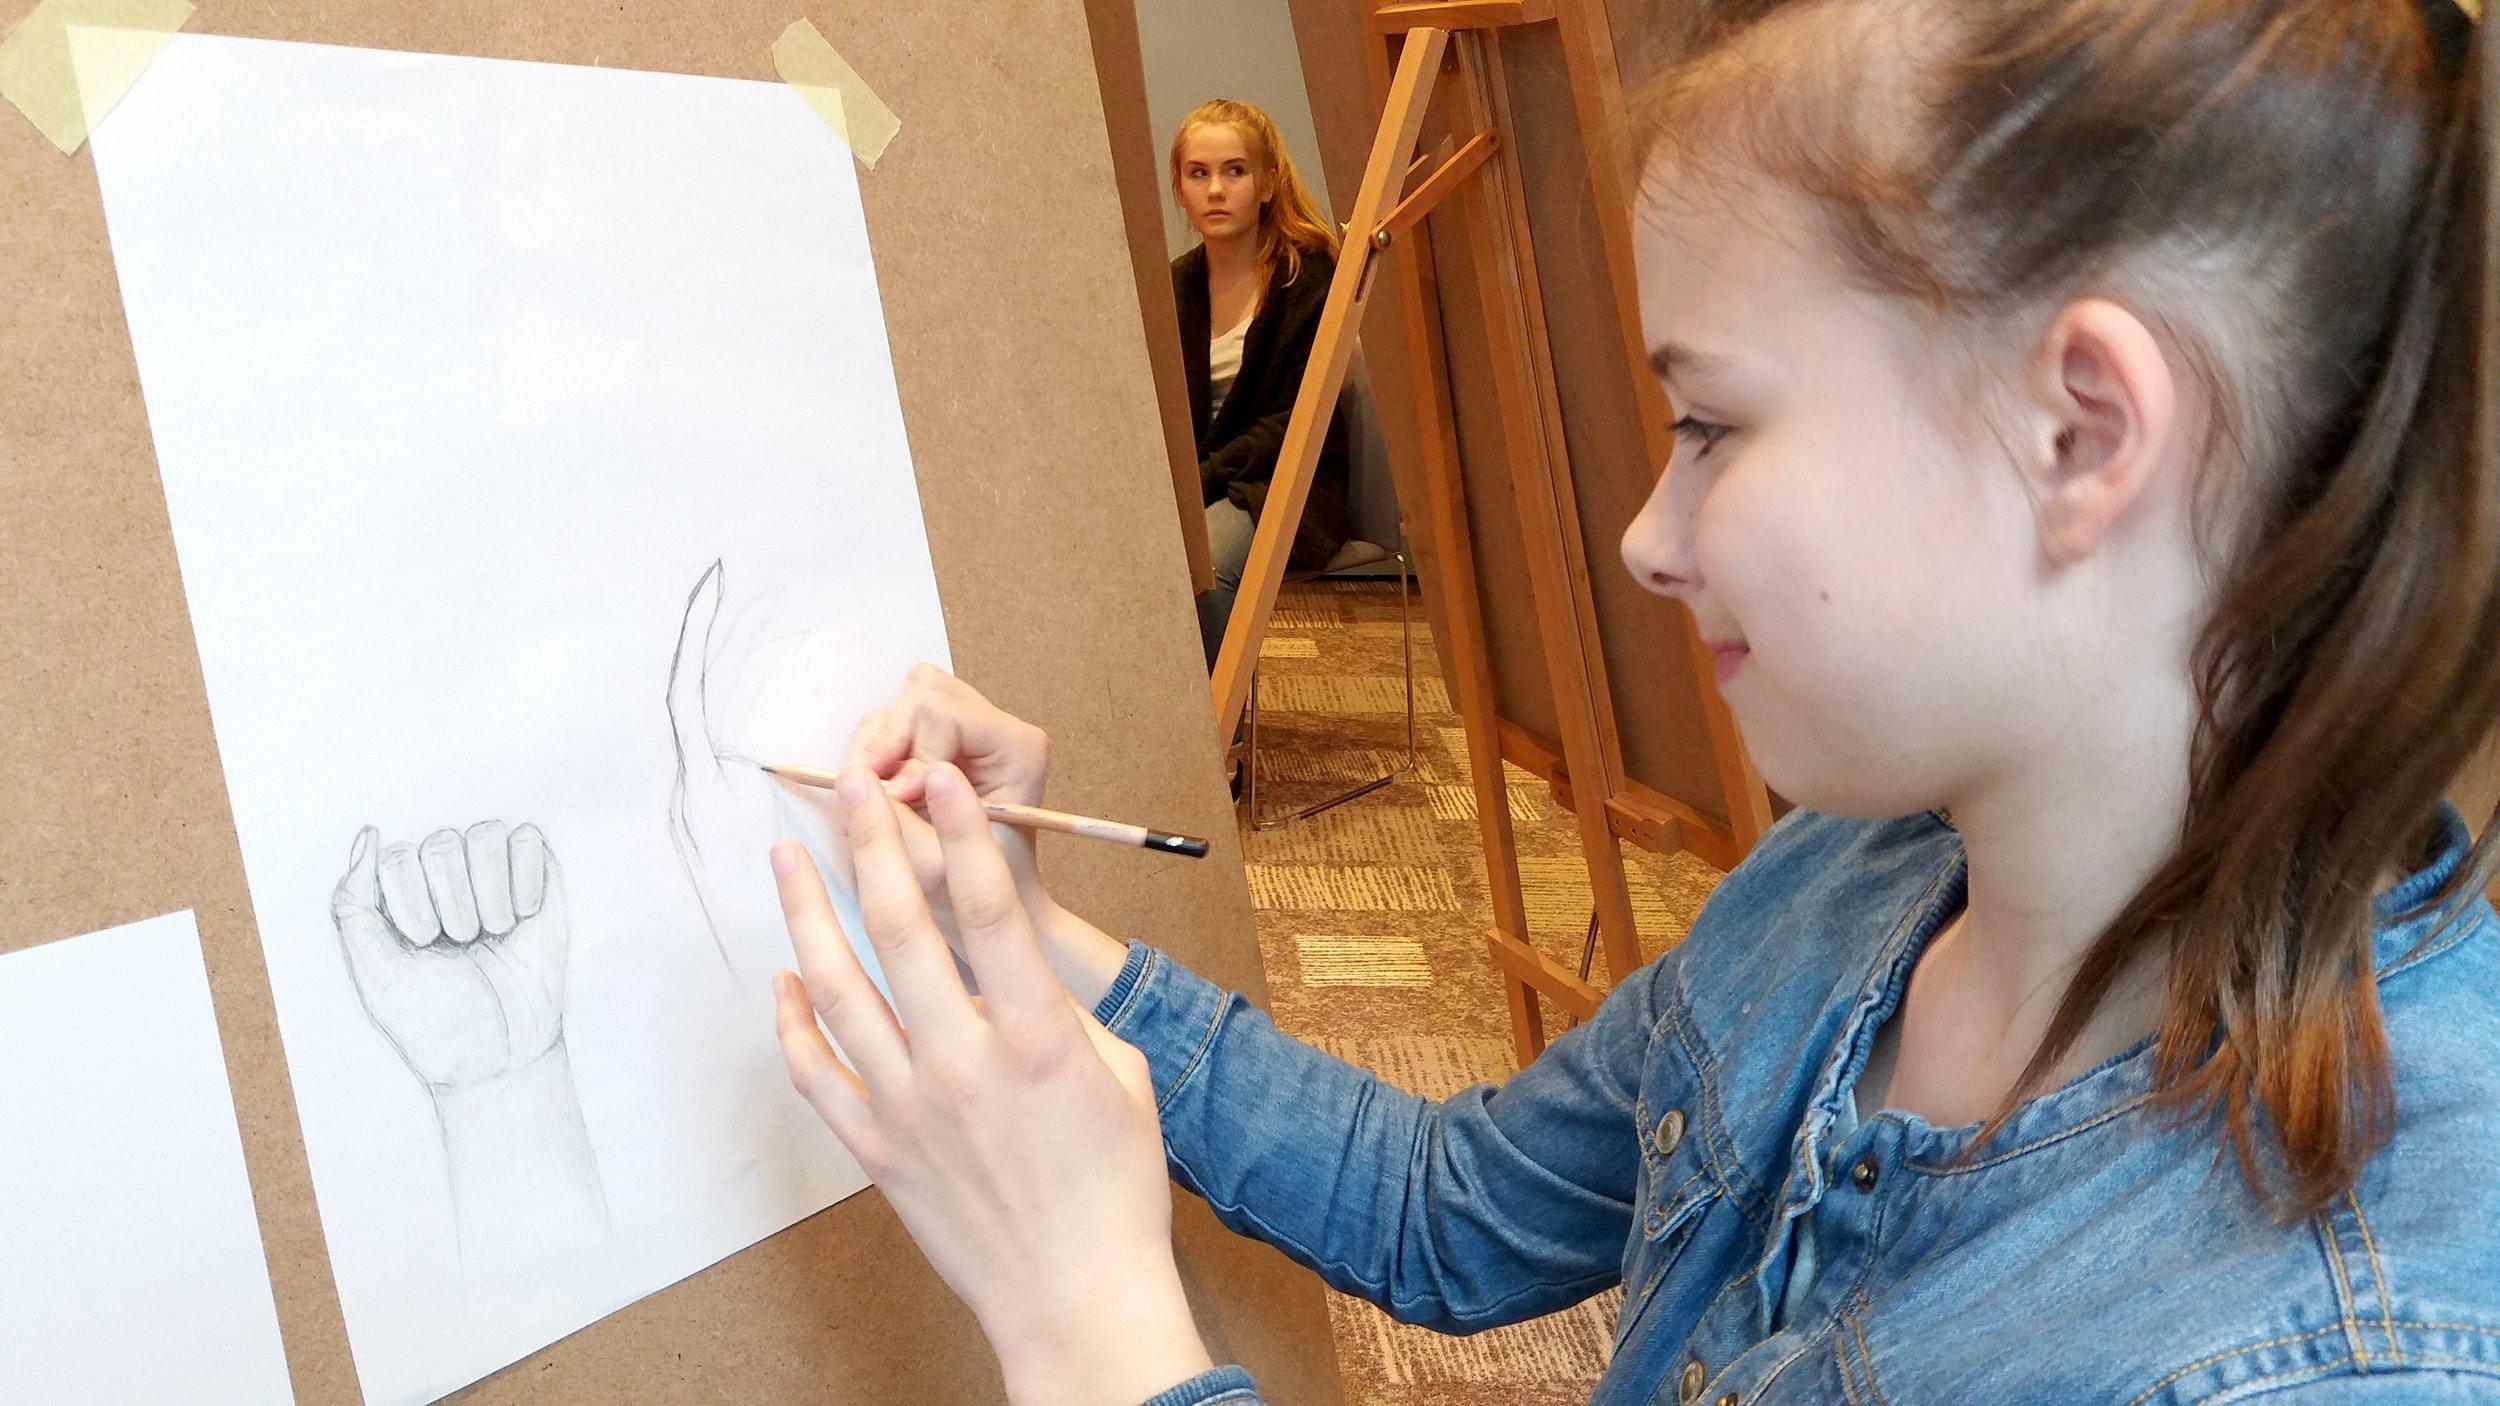 Podstawy rysunku - szkice dłoni